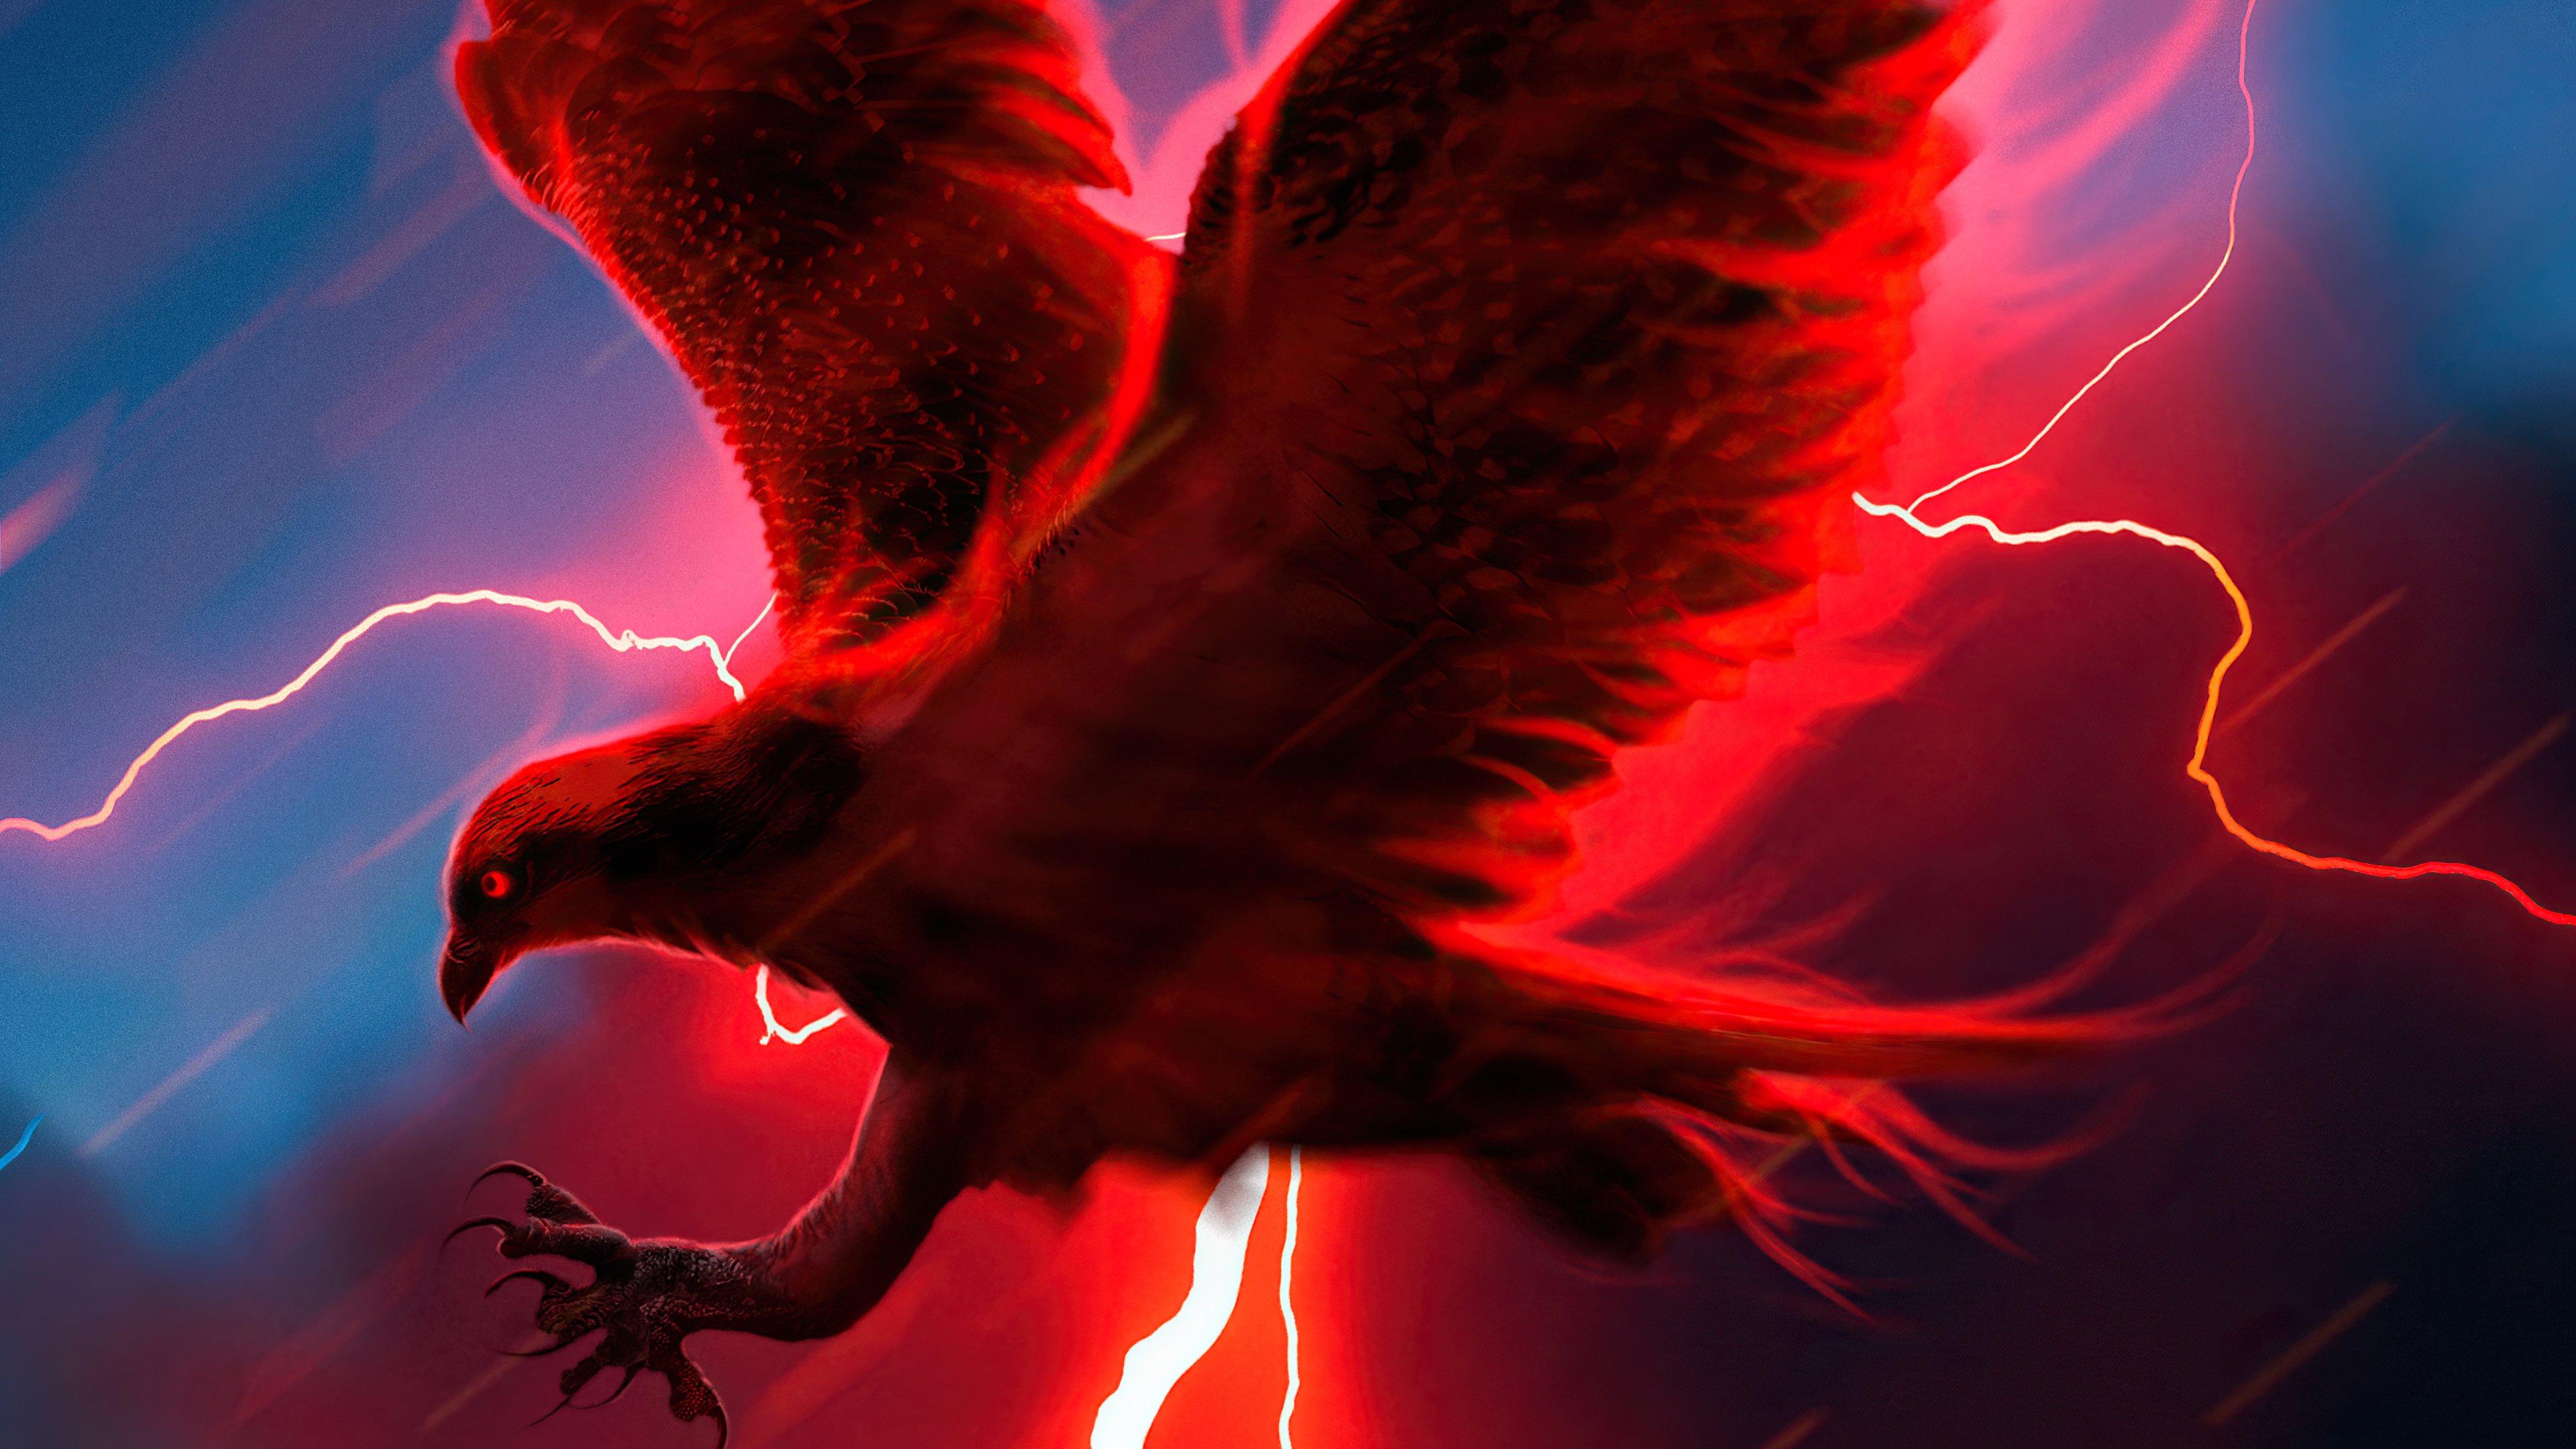 Fondos de pantalla Aguila con rayo de fondo